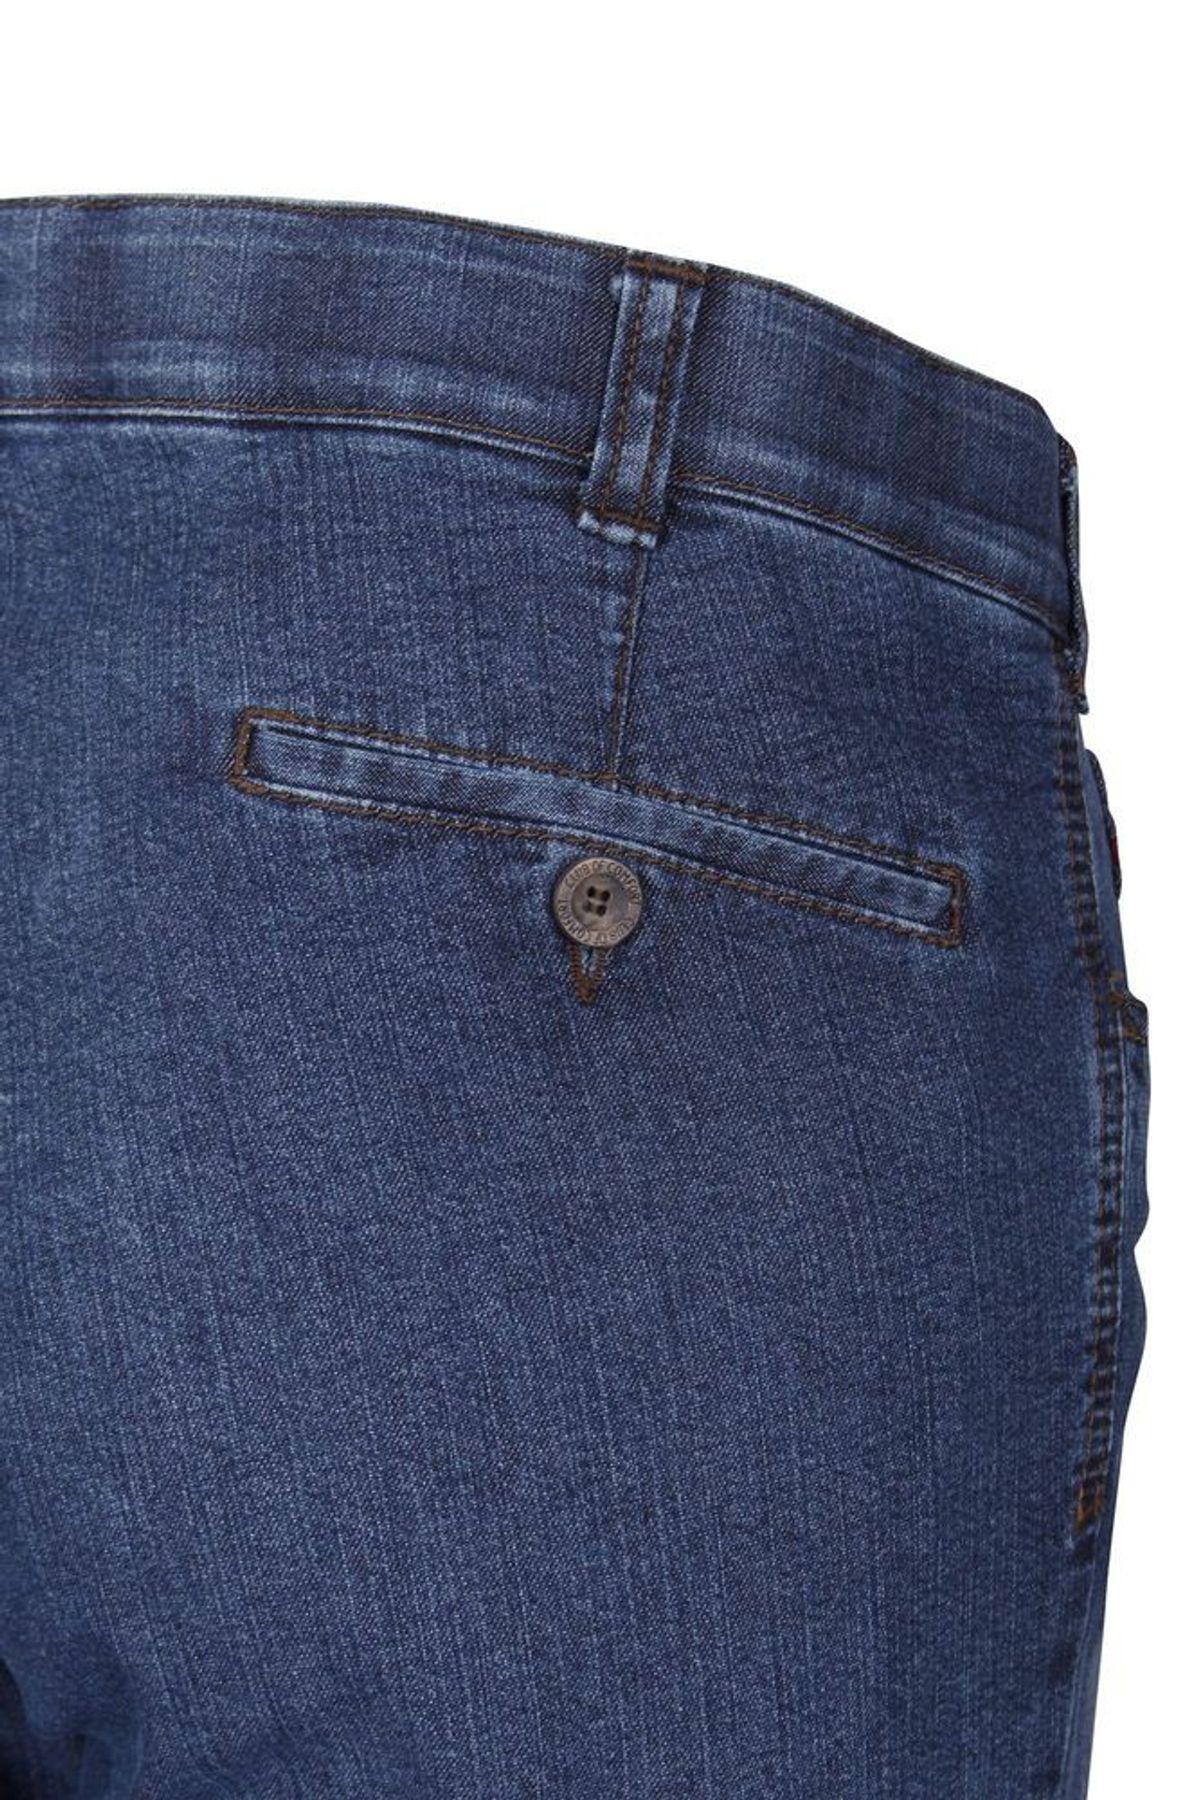 Club of Comfort - Herren Jeans Hose in verschiedenen Farbvarianten, Liam (4631) – Bild 16